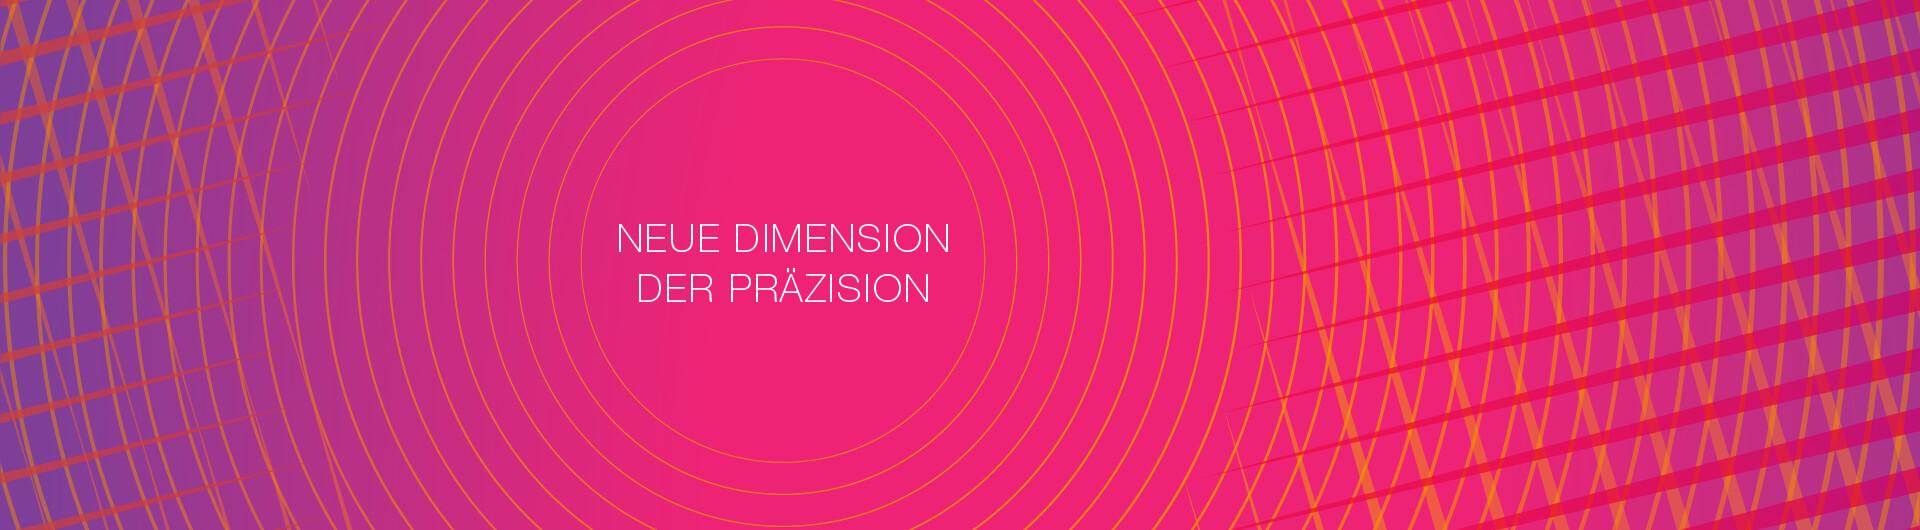 Brainlab Stereotaxie: Neue Dimension der Präzision